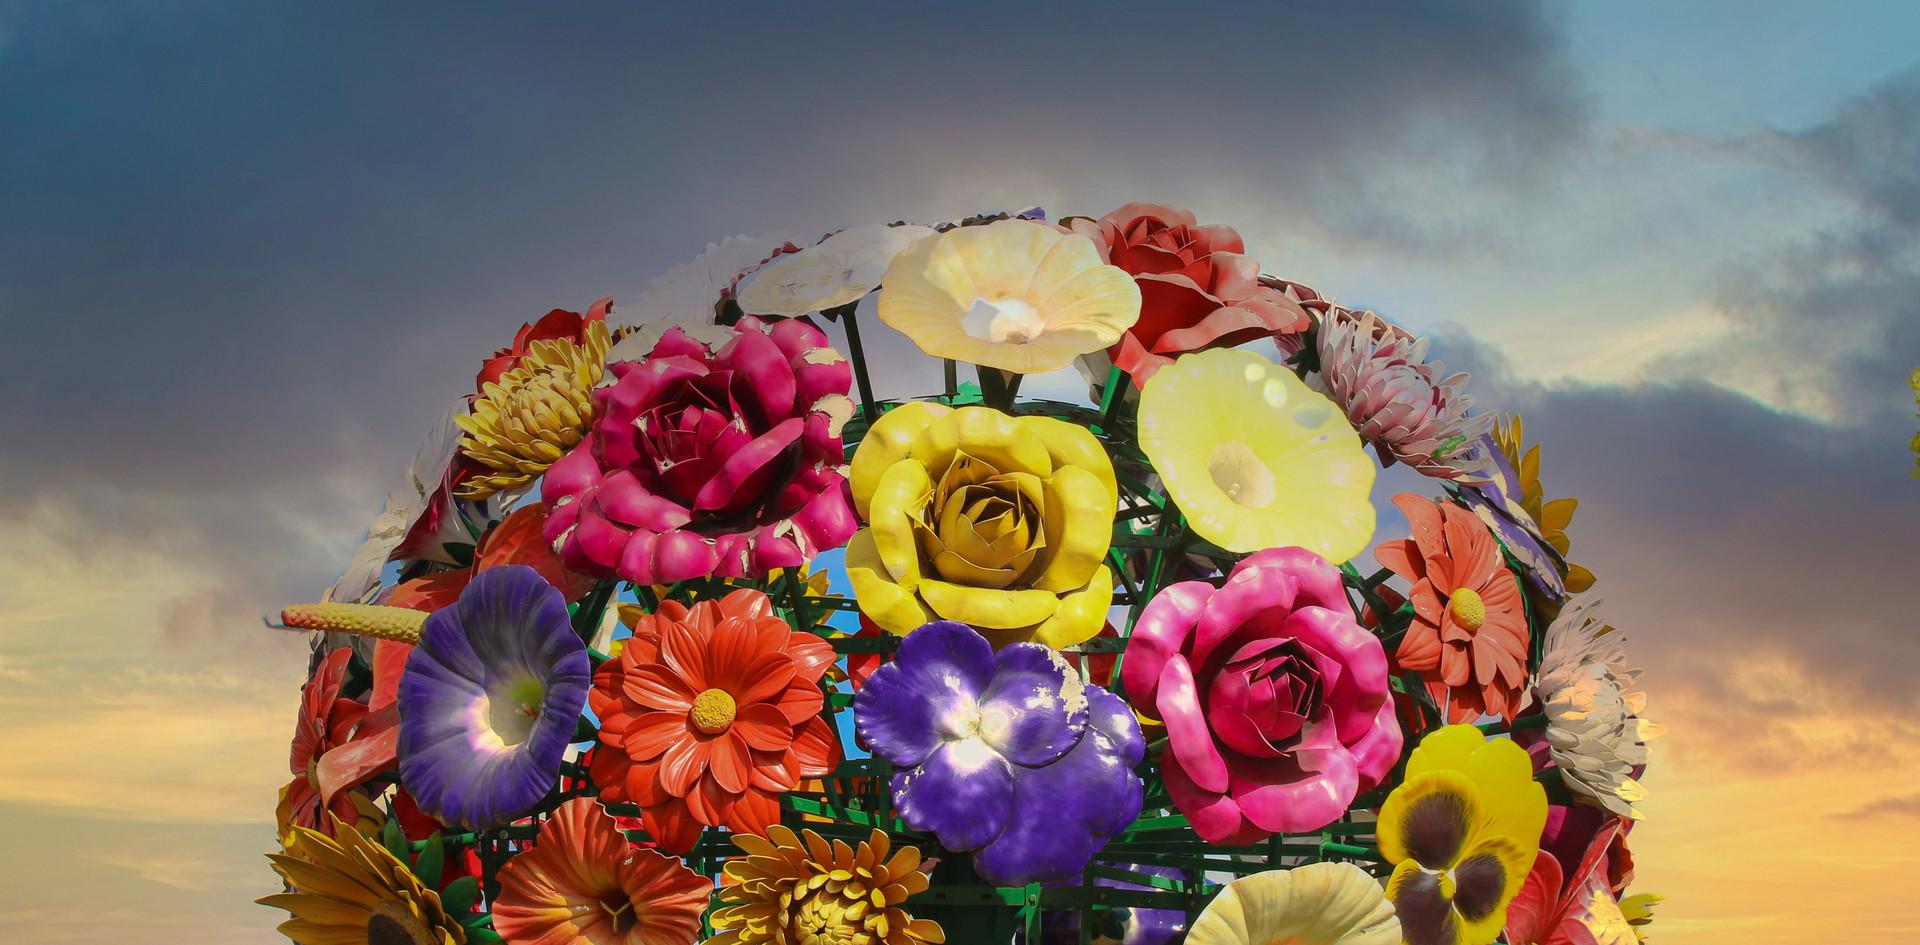 La sculpture de bouquet de fleurs de Jeong-Hwa Choi